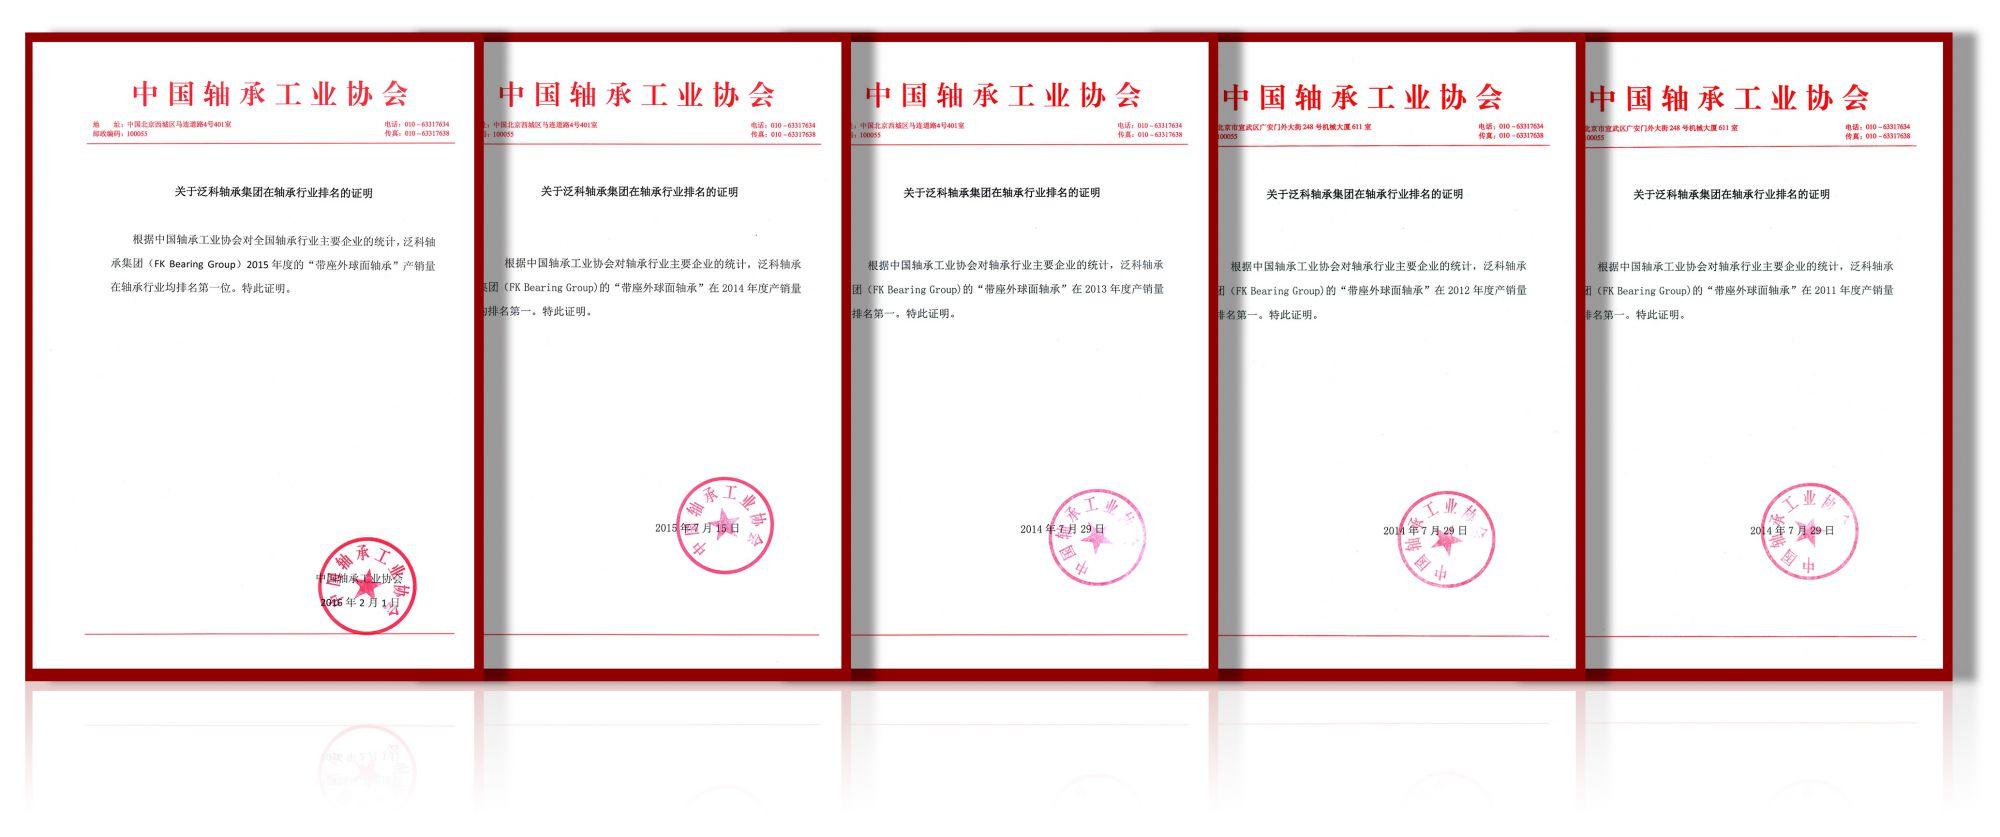 中國軸承協會工業協會